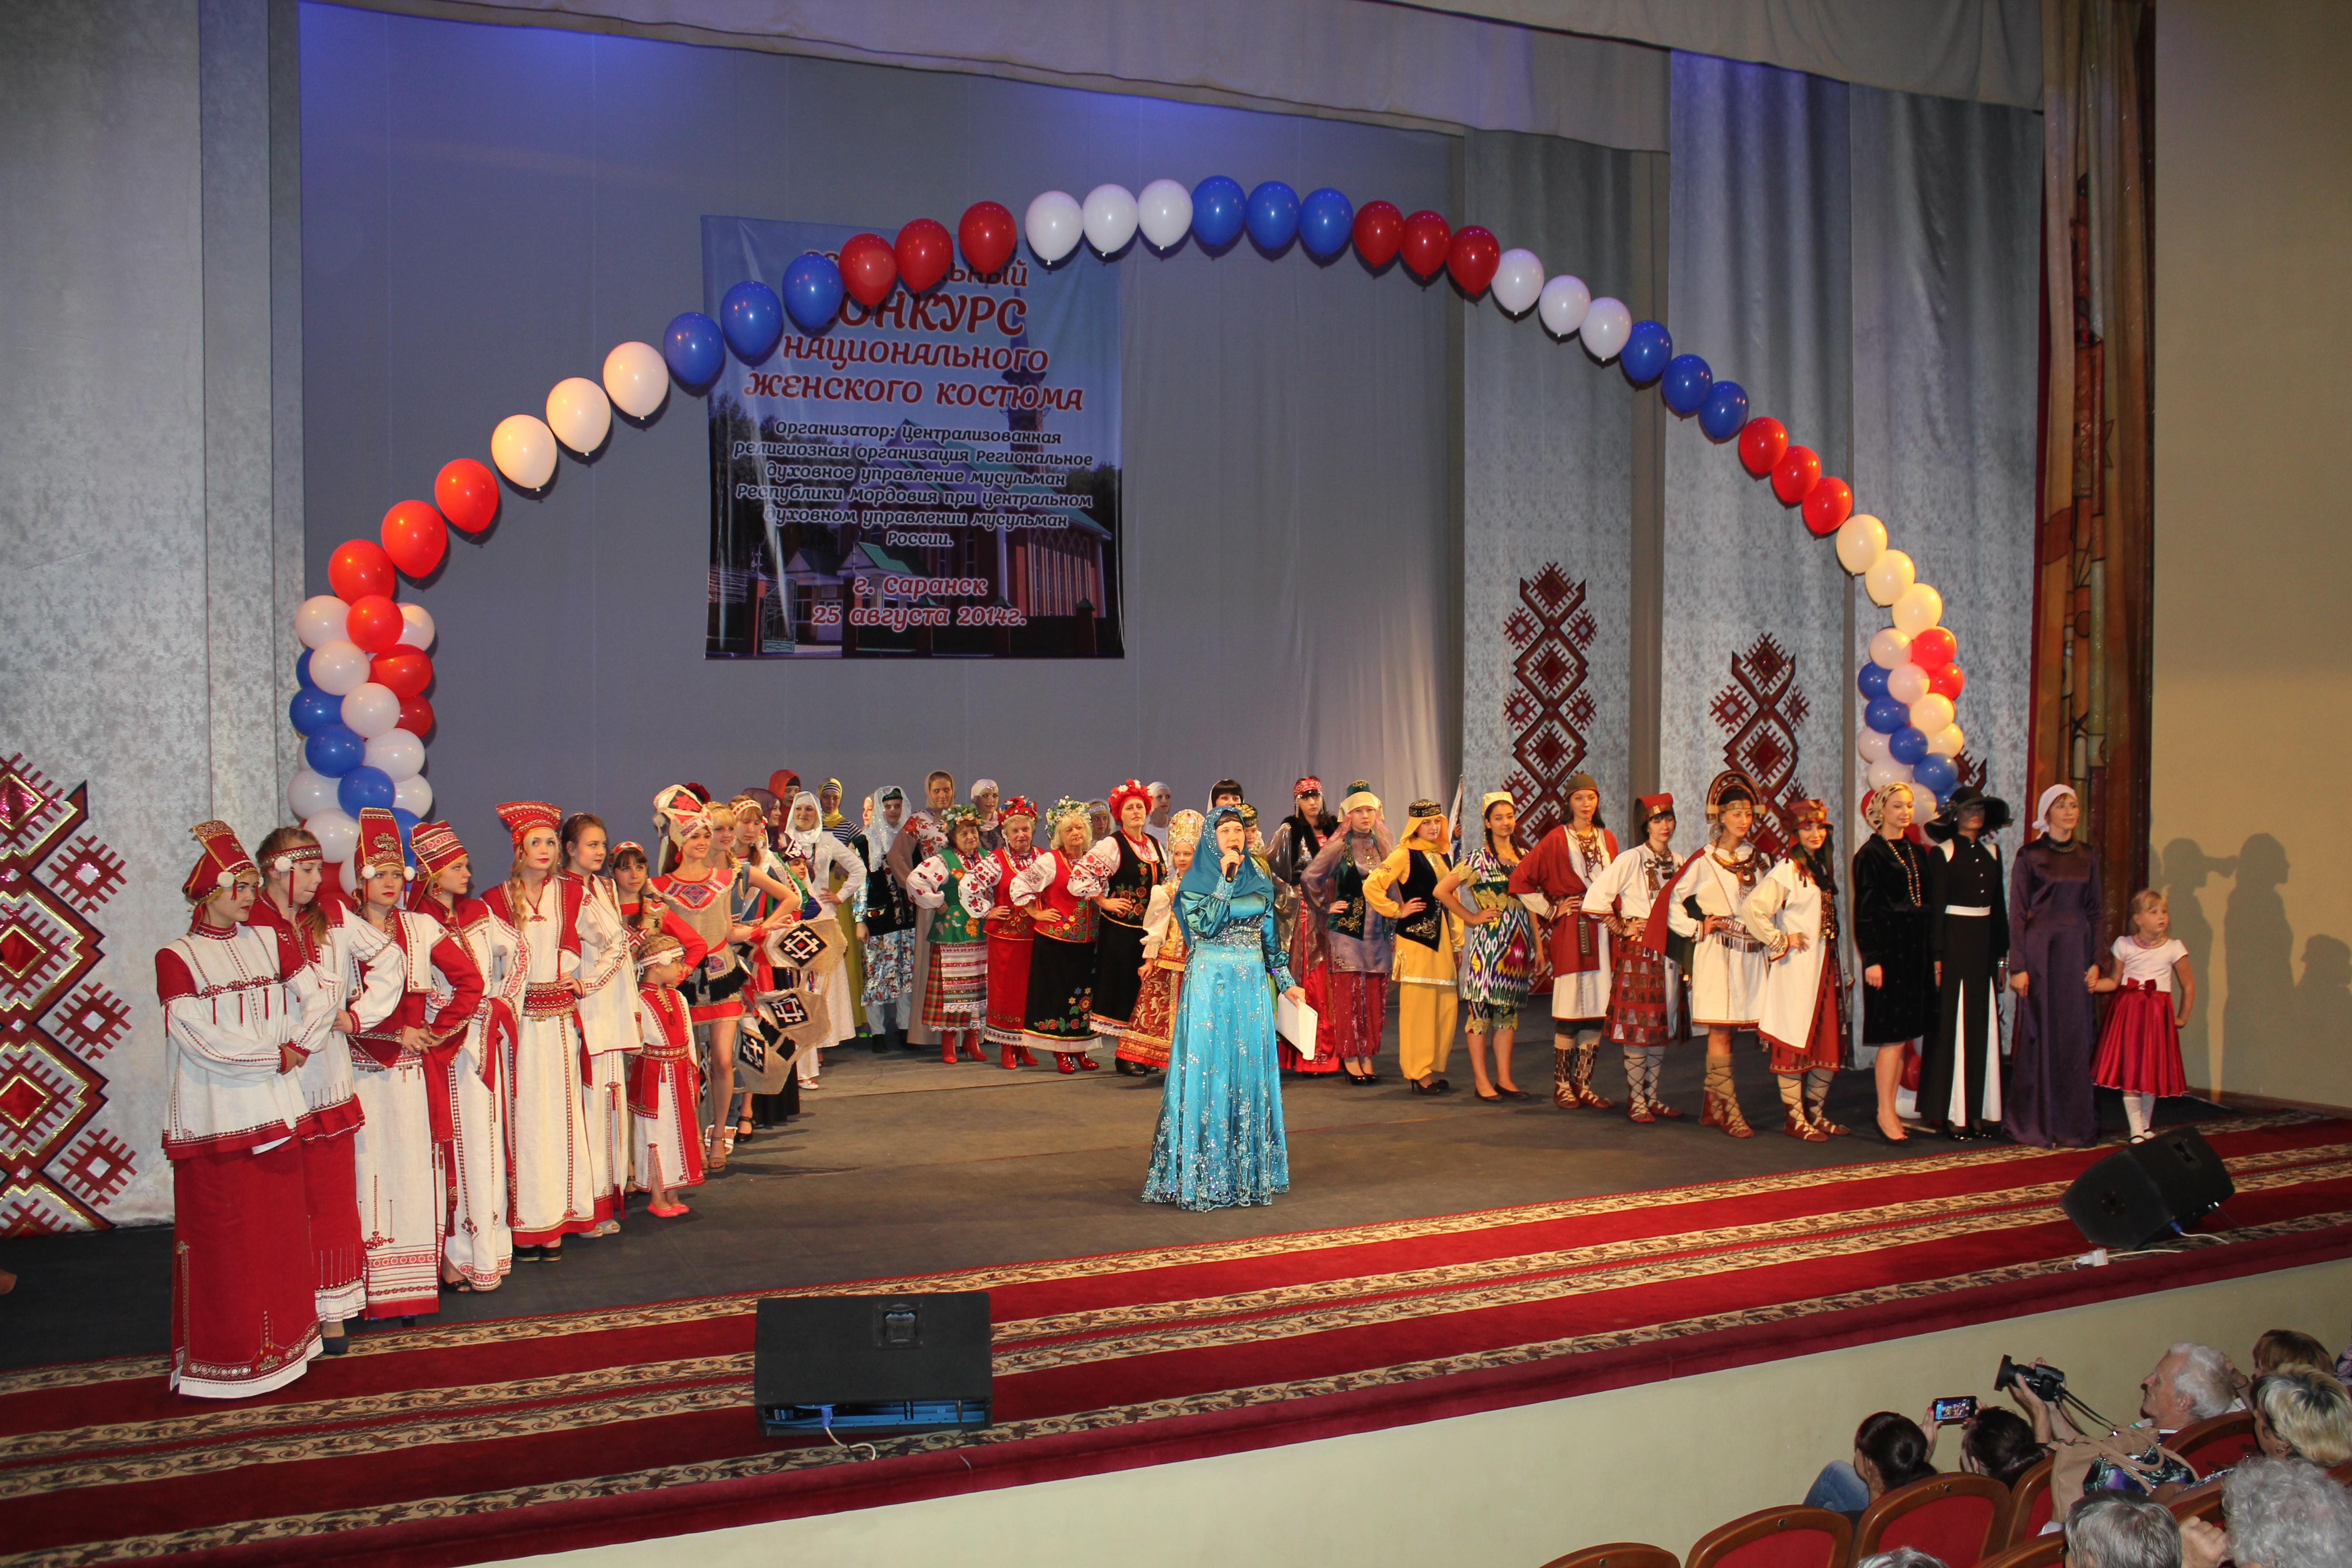 Сценарий конкурса национальных костюмов